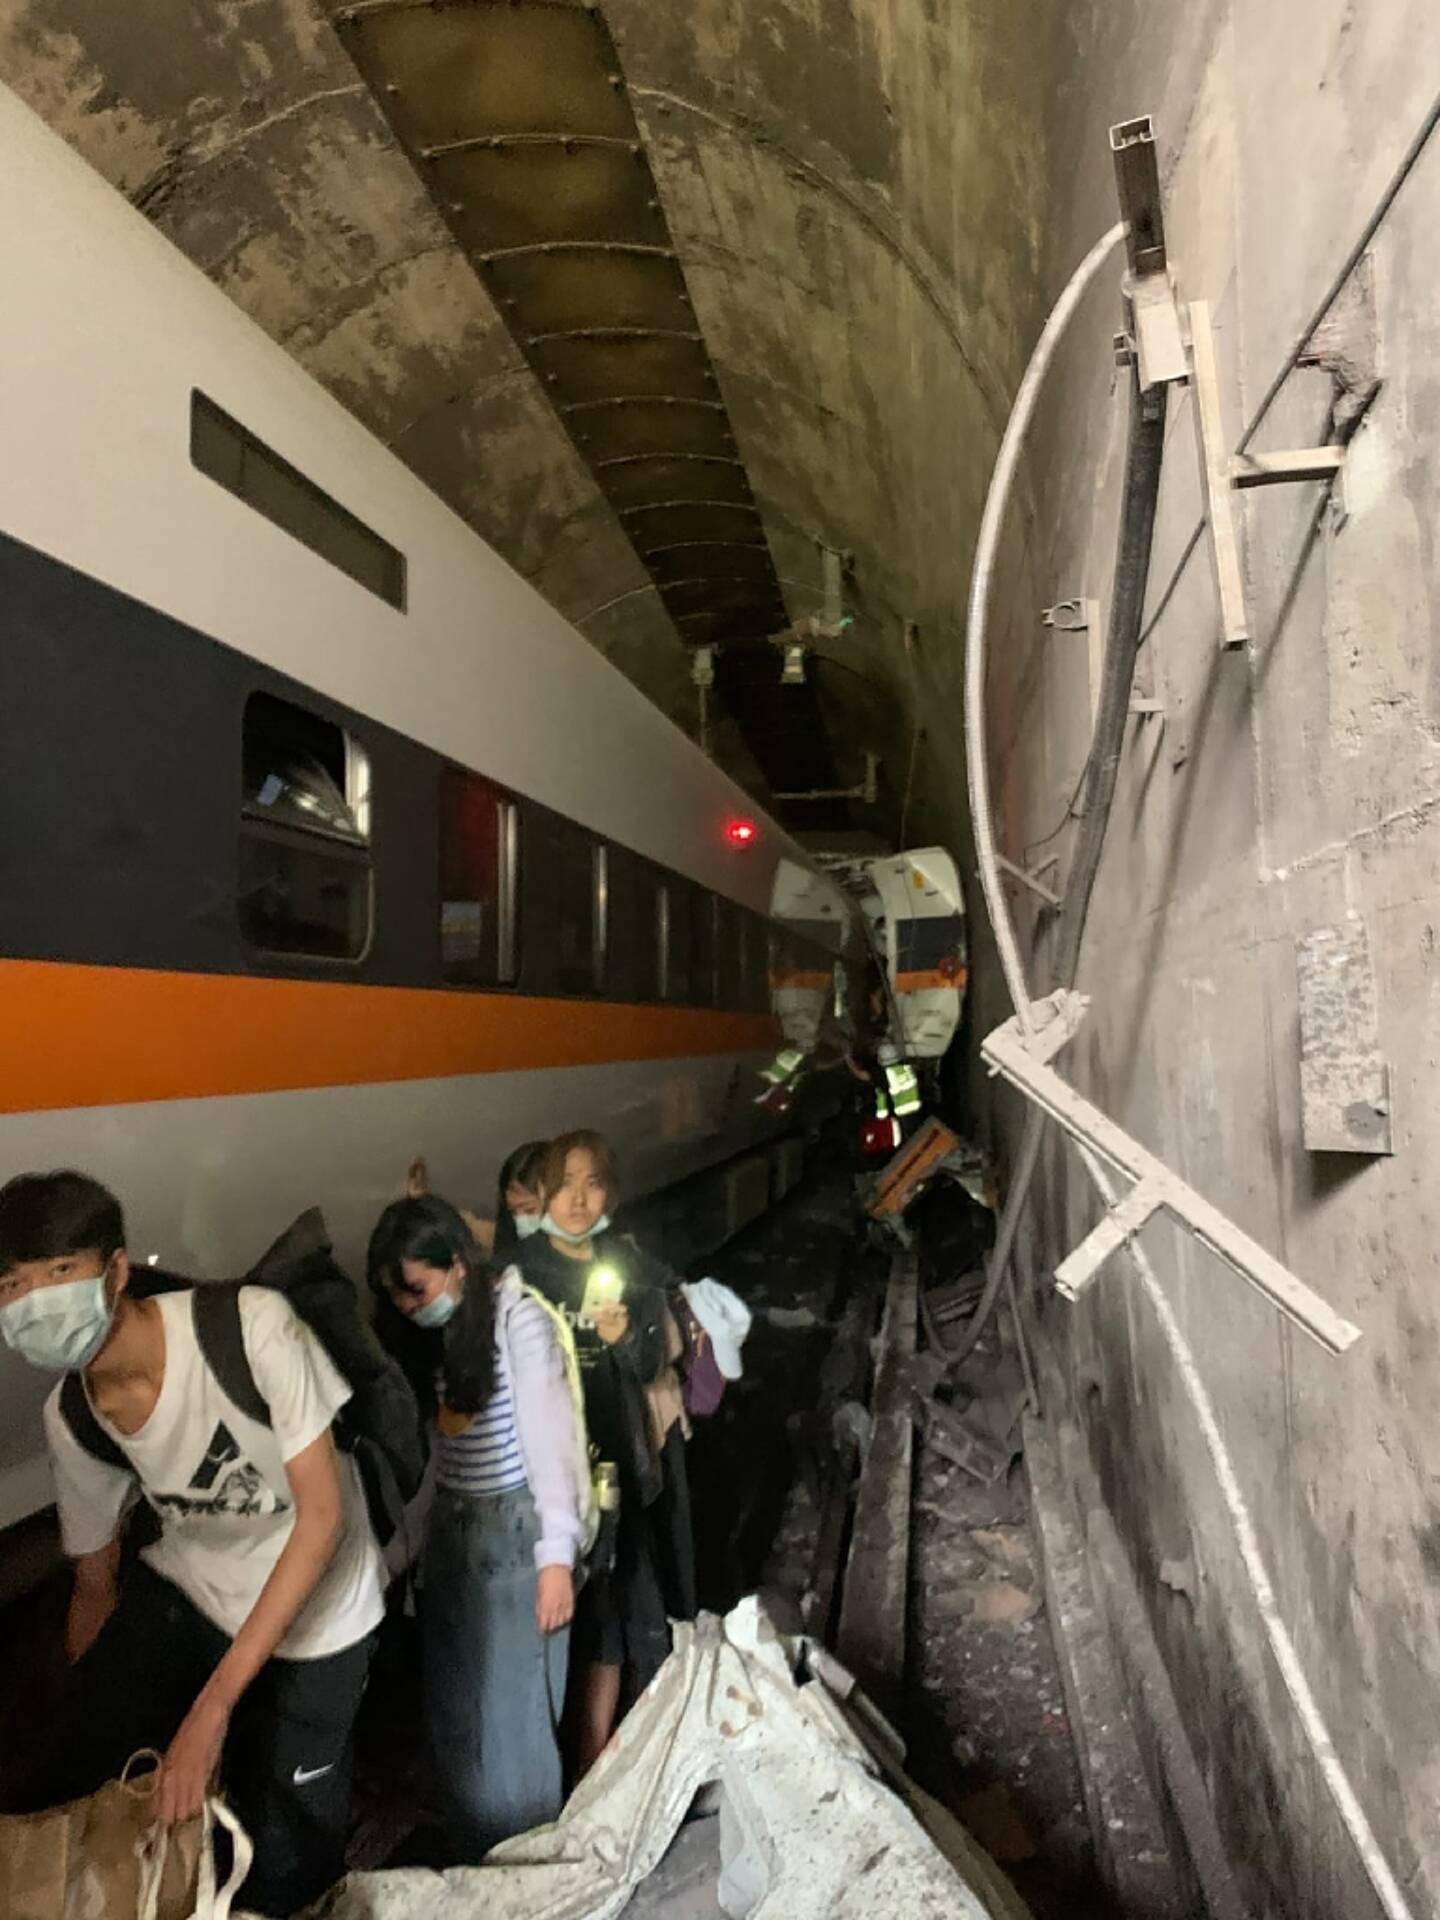 Photo diffusée le 2 avril 2021 par le Centre en charge des opérations de secours montrant le déraillement d'un train dans un tunnel, dans le comté de Hualien, dans l'est de Taïwan